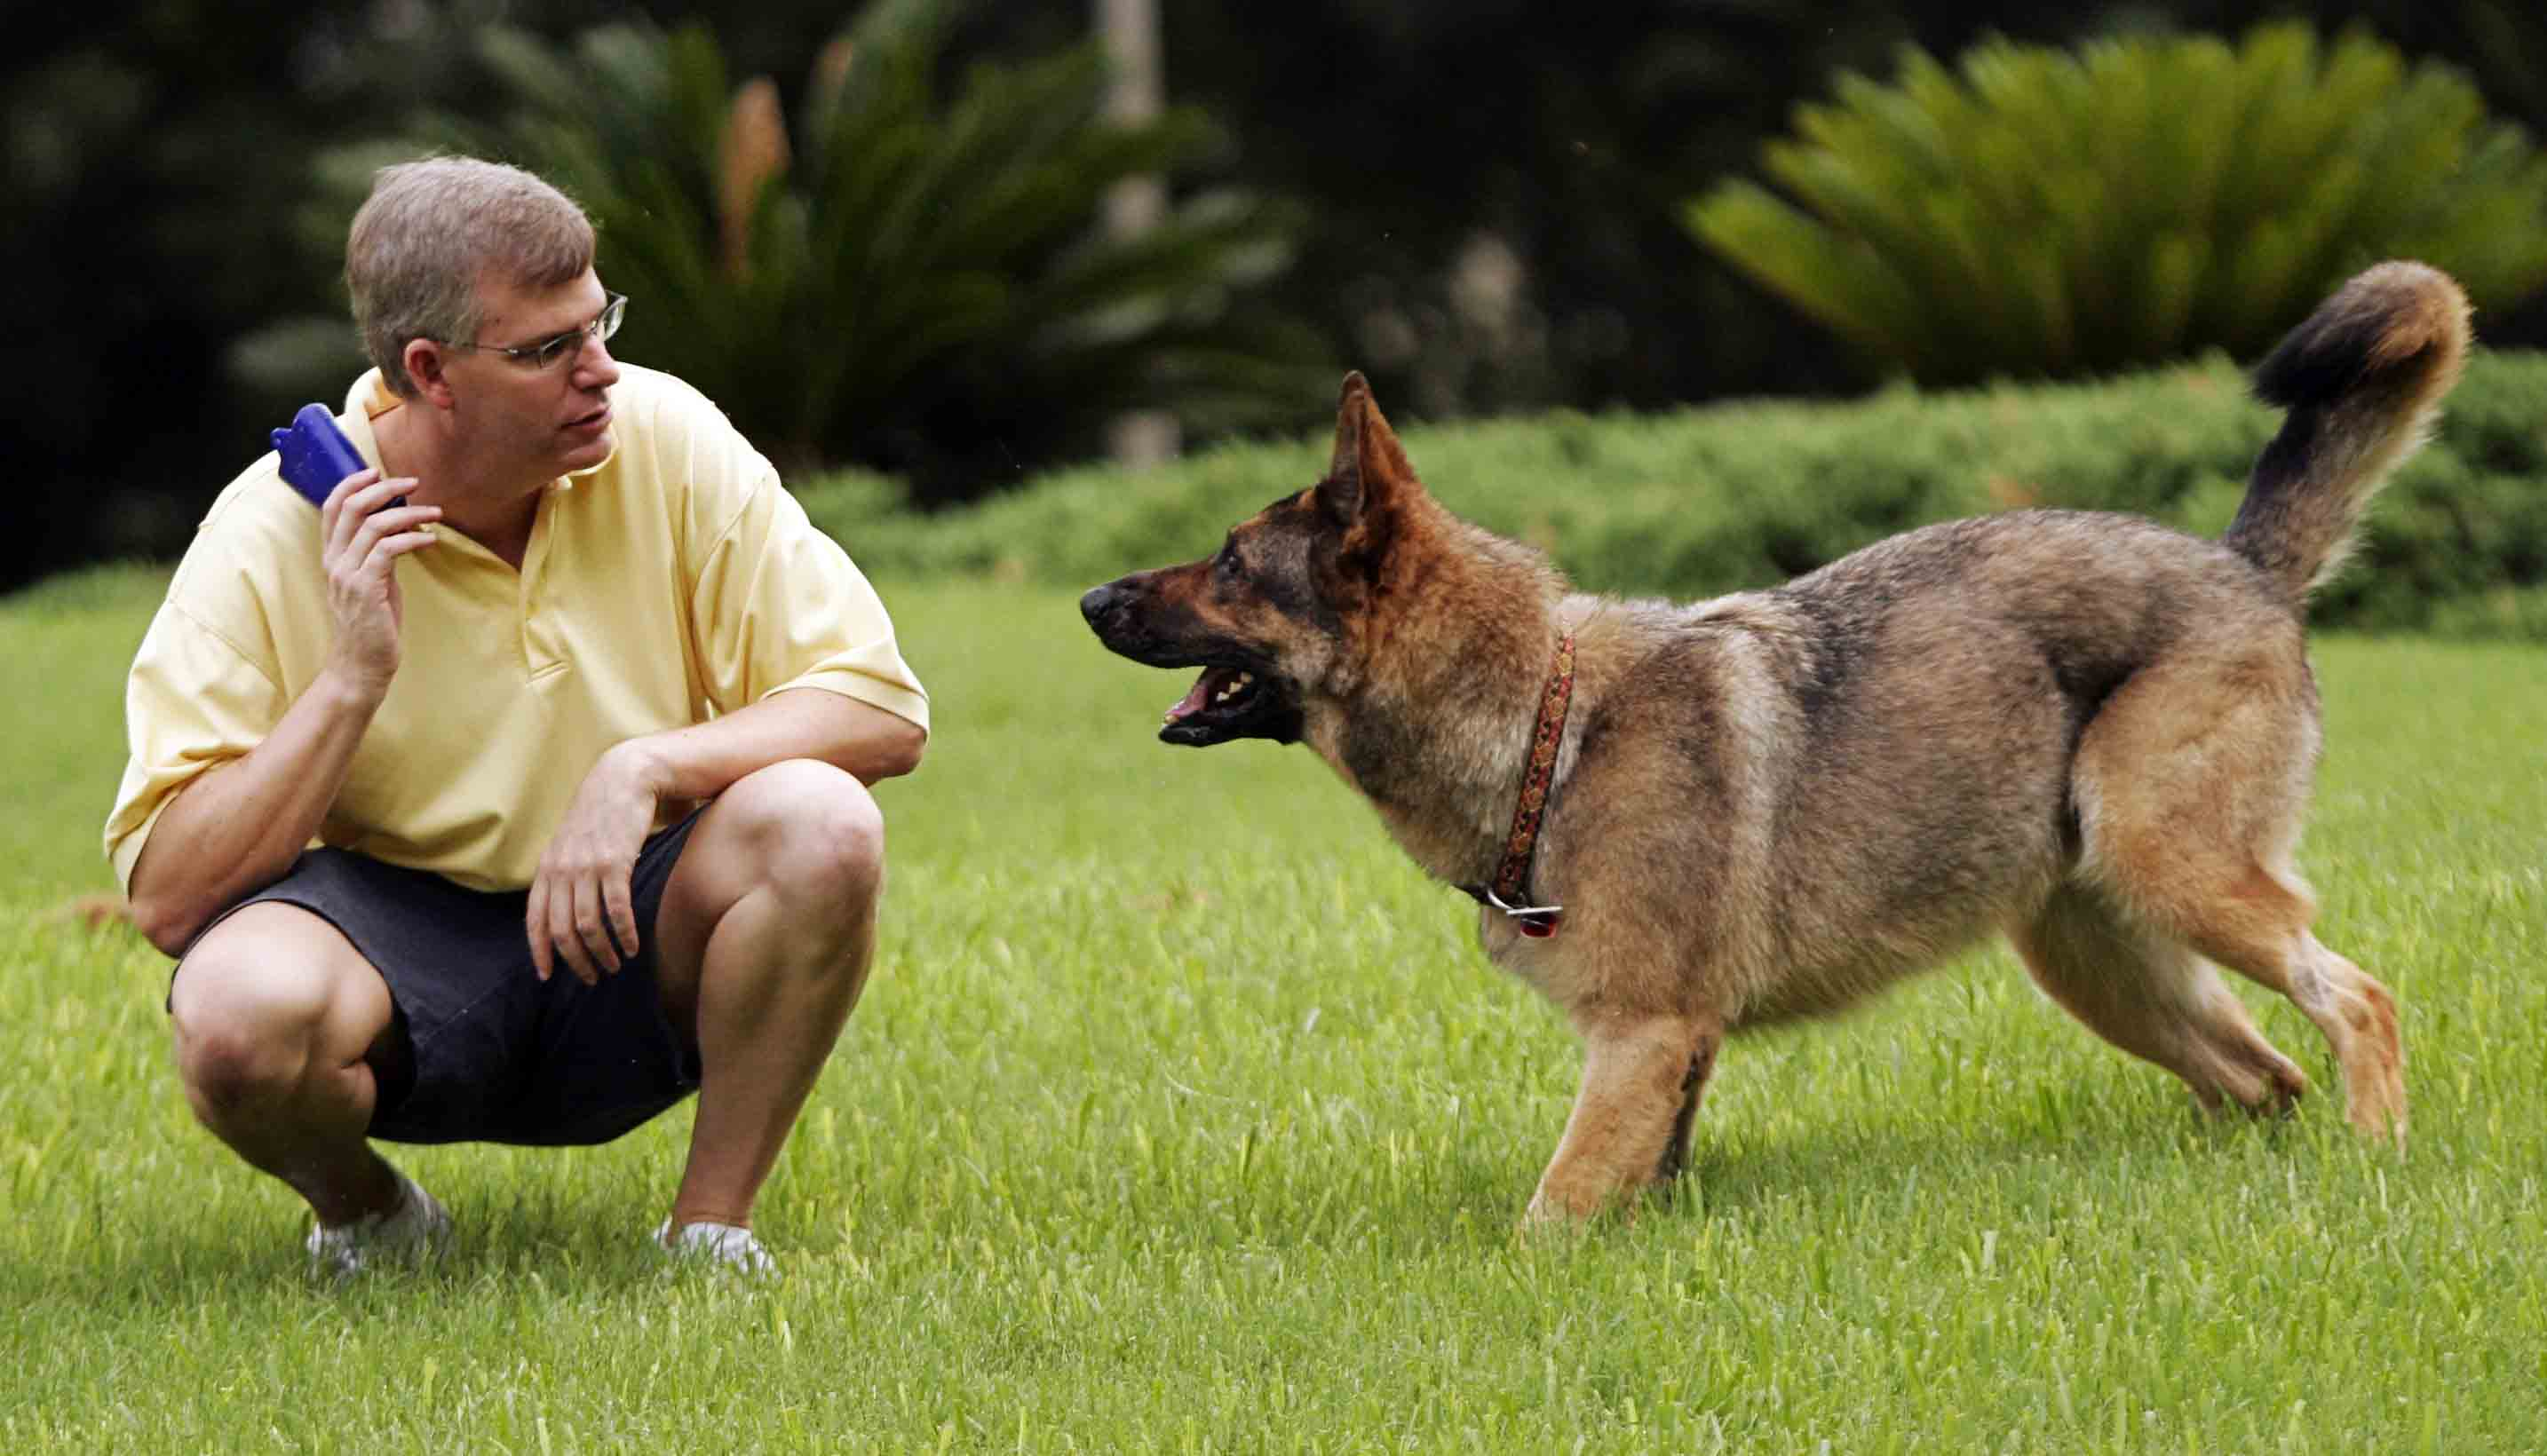 صور كيفية تدريب الكلاب , كيف تجعل الكلب ينفذ اوامرك